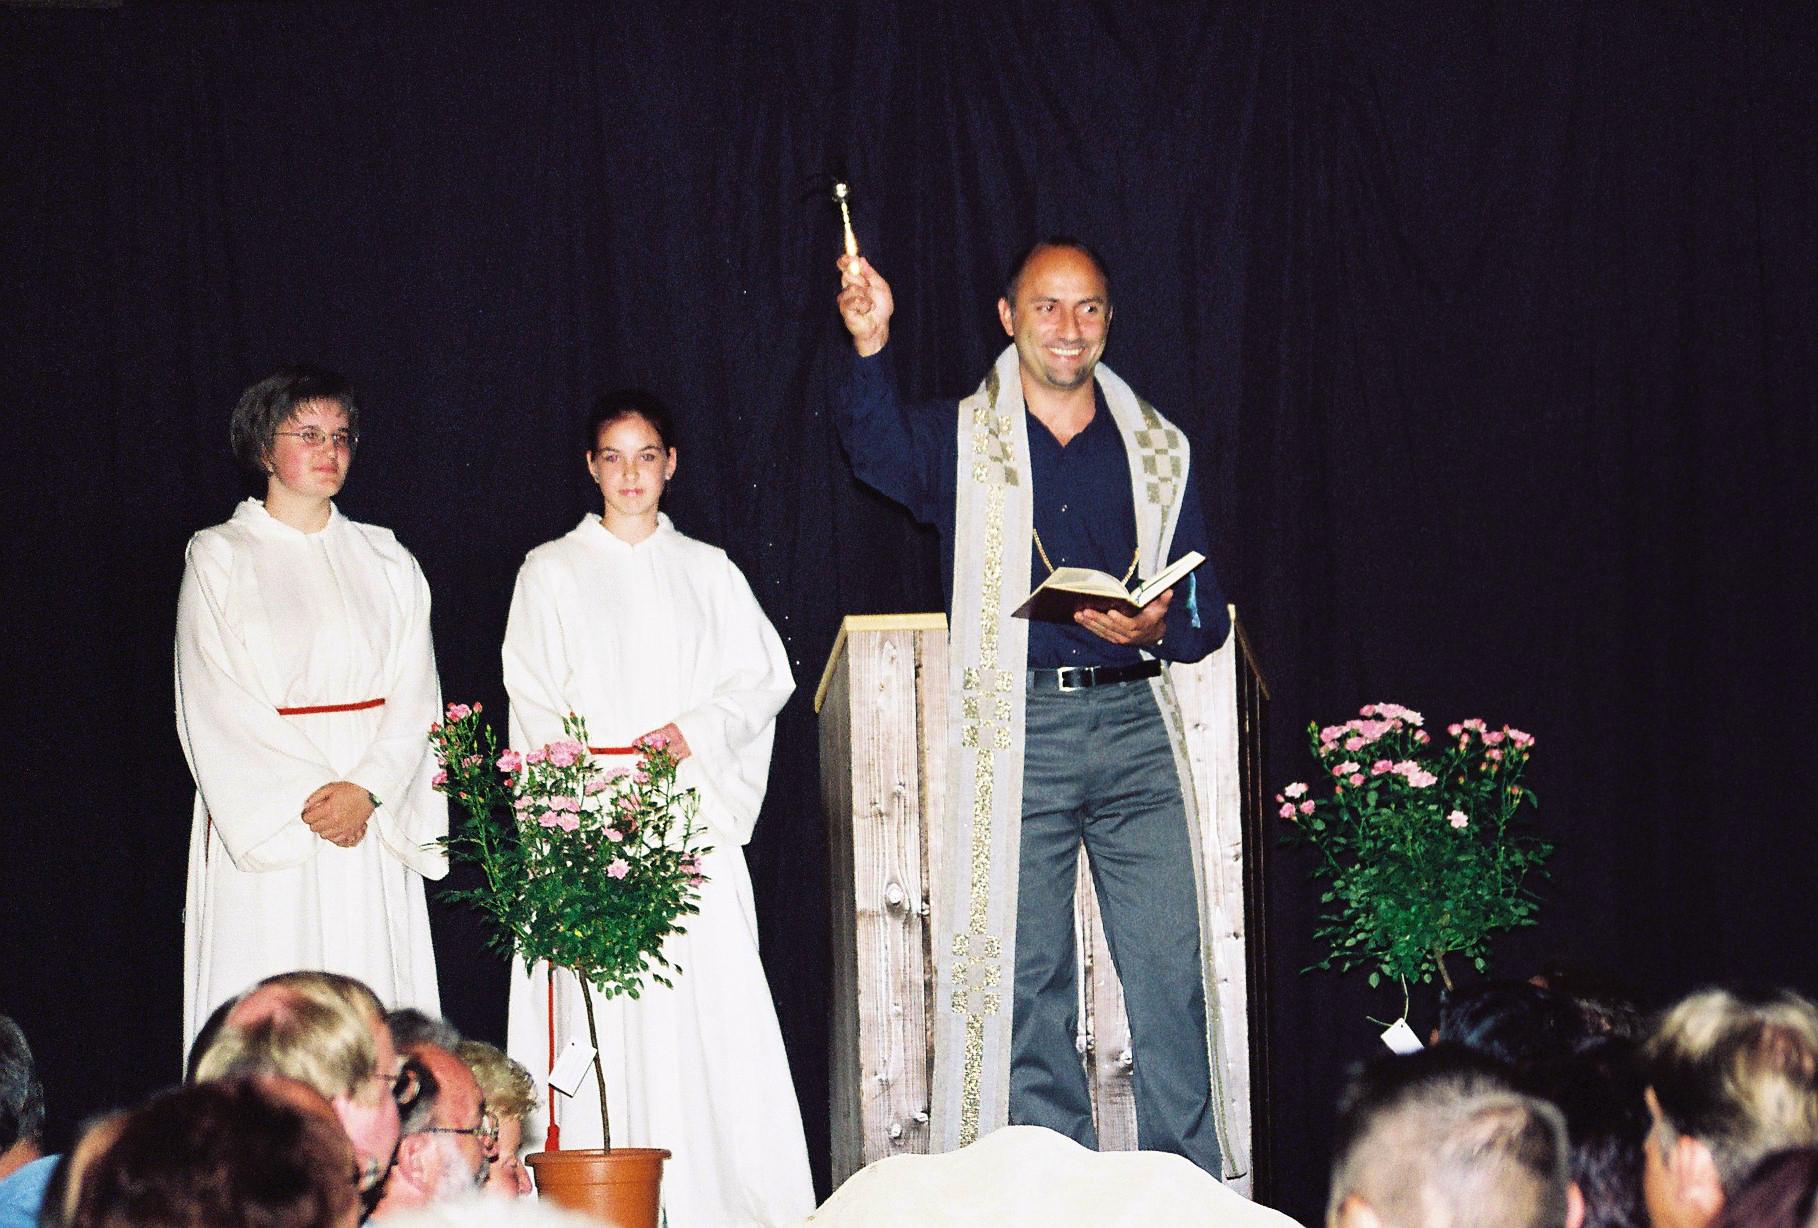 Segnung durch Herrn Pfarrer Reinsch